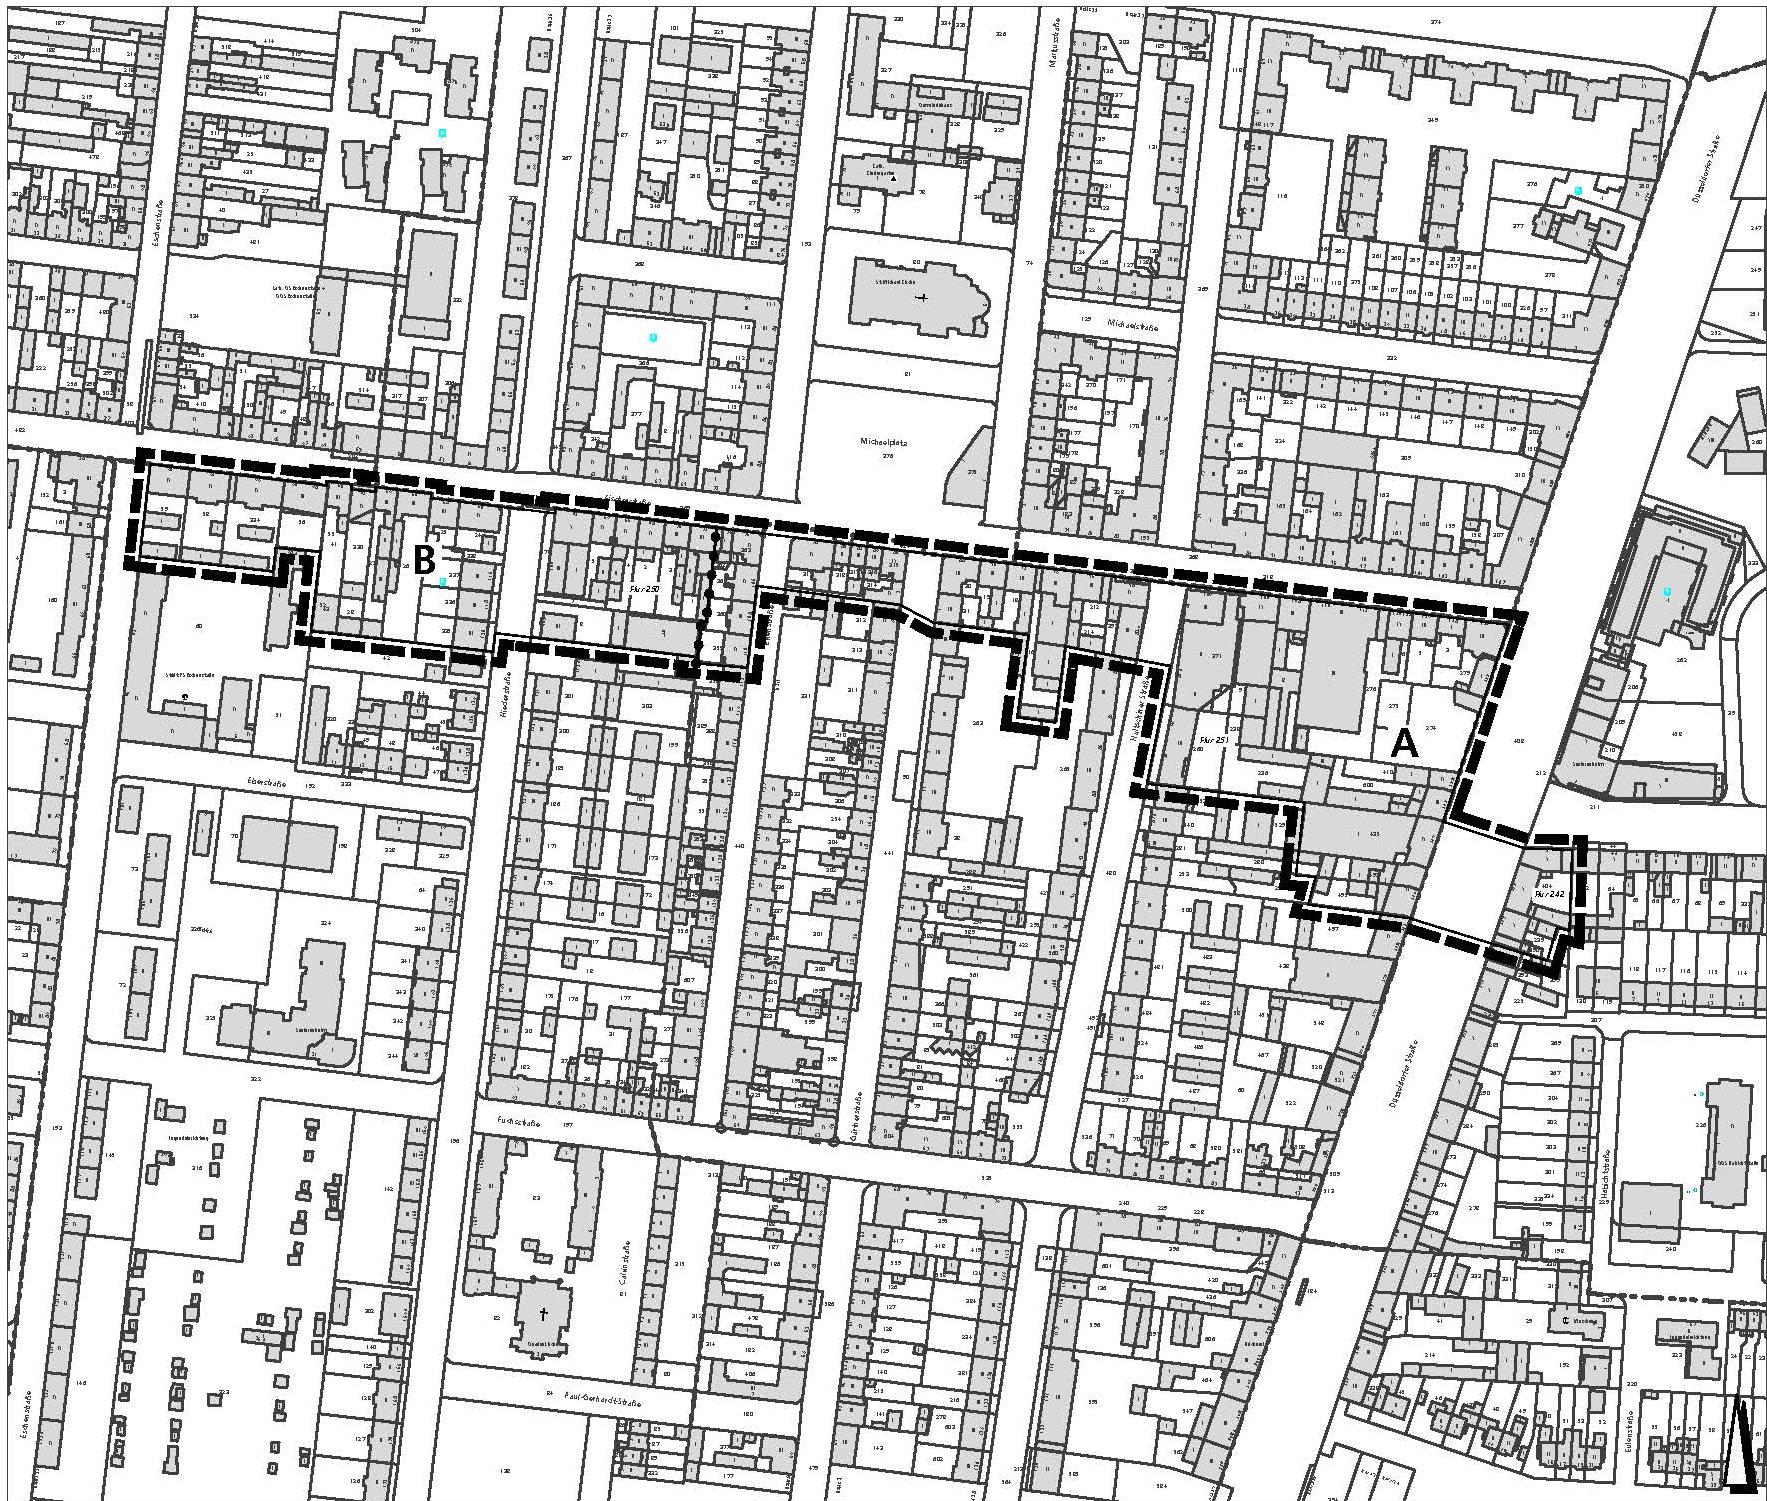 Der Bebauungsplan südlich der Fischerstraße reicht von der Eschenstraße im Westen bis zur Düsseldorfer Straße im Osten.